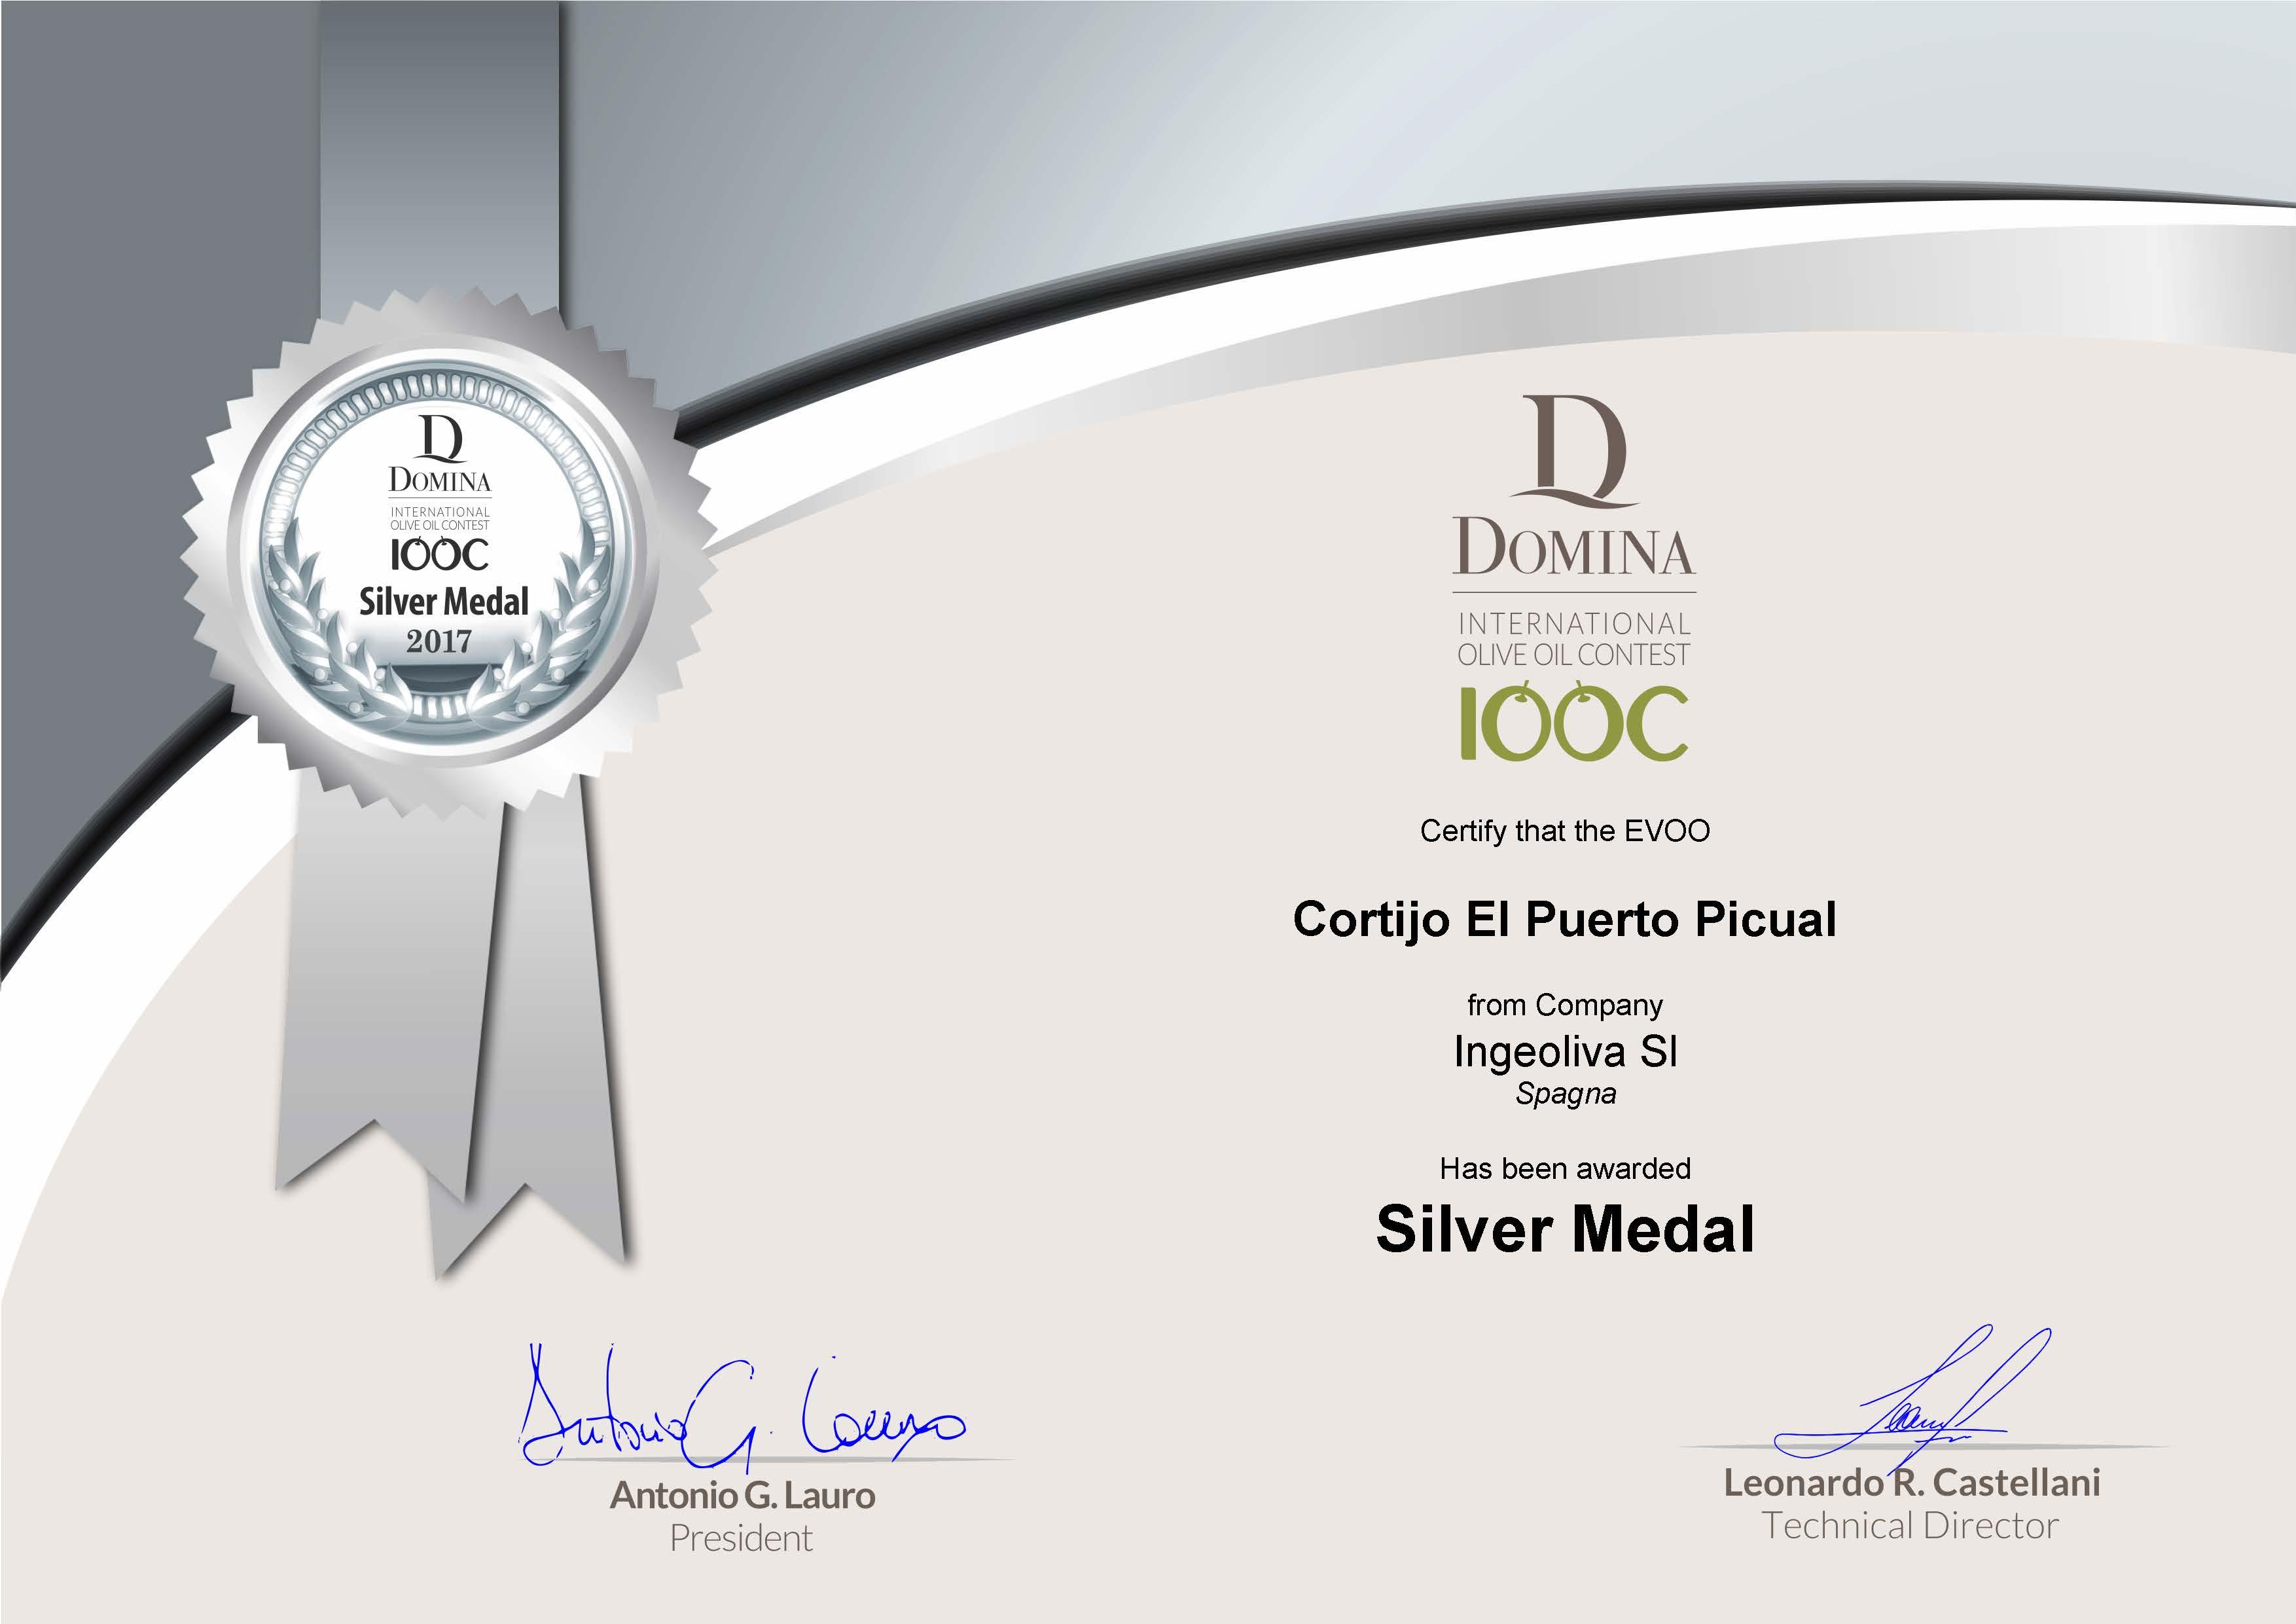 Cortijo el Puerto Picual Domina DIOOC Silver Medal